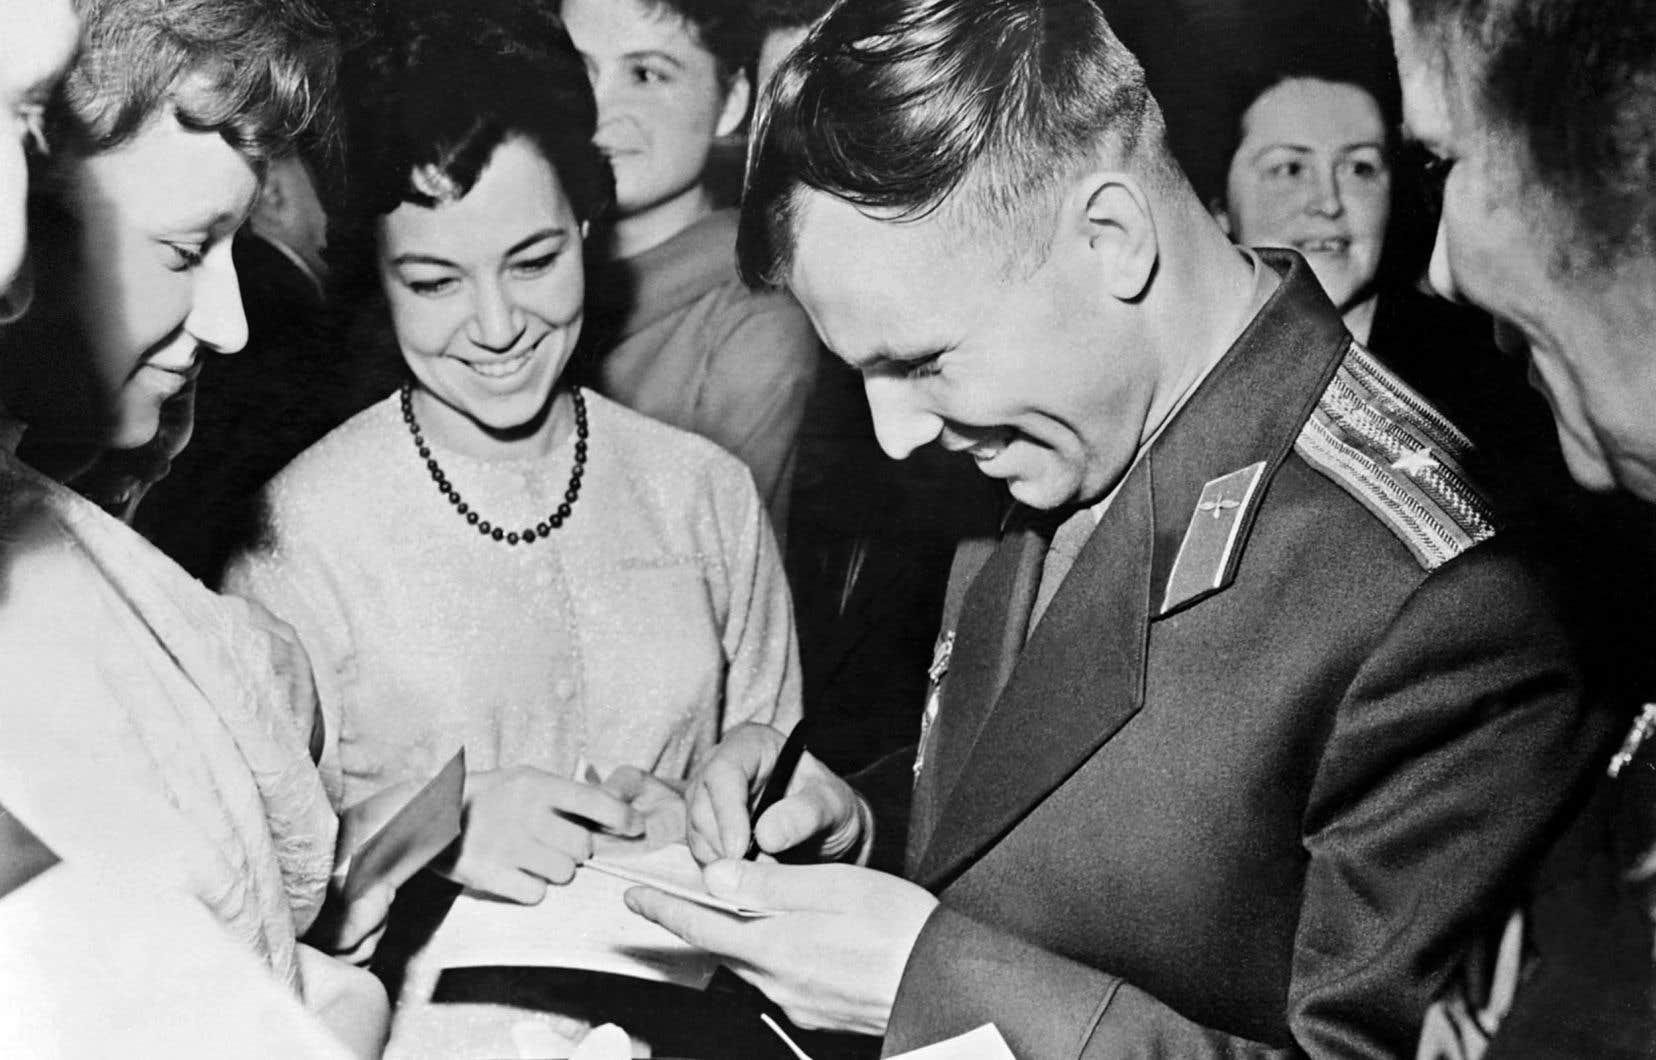 En 1961, le premier homme de l'espace, Youri Gagarine, revient sur la Terre en superstar.